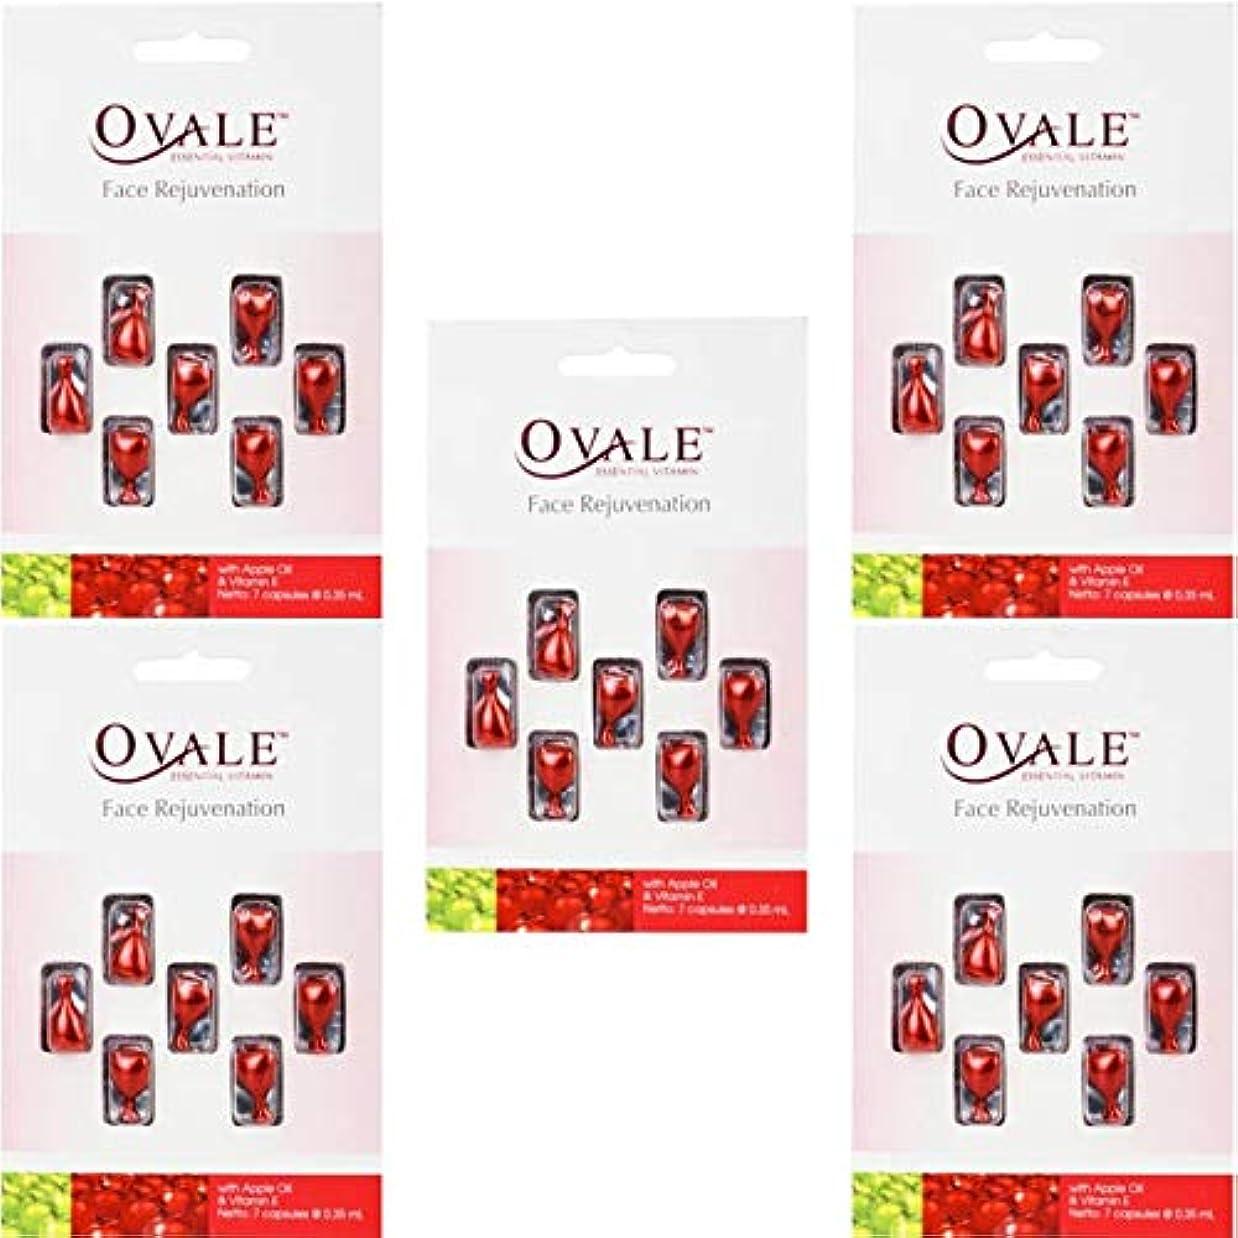 含める聖職者ビーチOvale オーバル フェイシャル美容液 essential vitamin エッセンシャルビタミン 7粒入シート×5枚セット アップル [海外直送品]